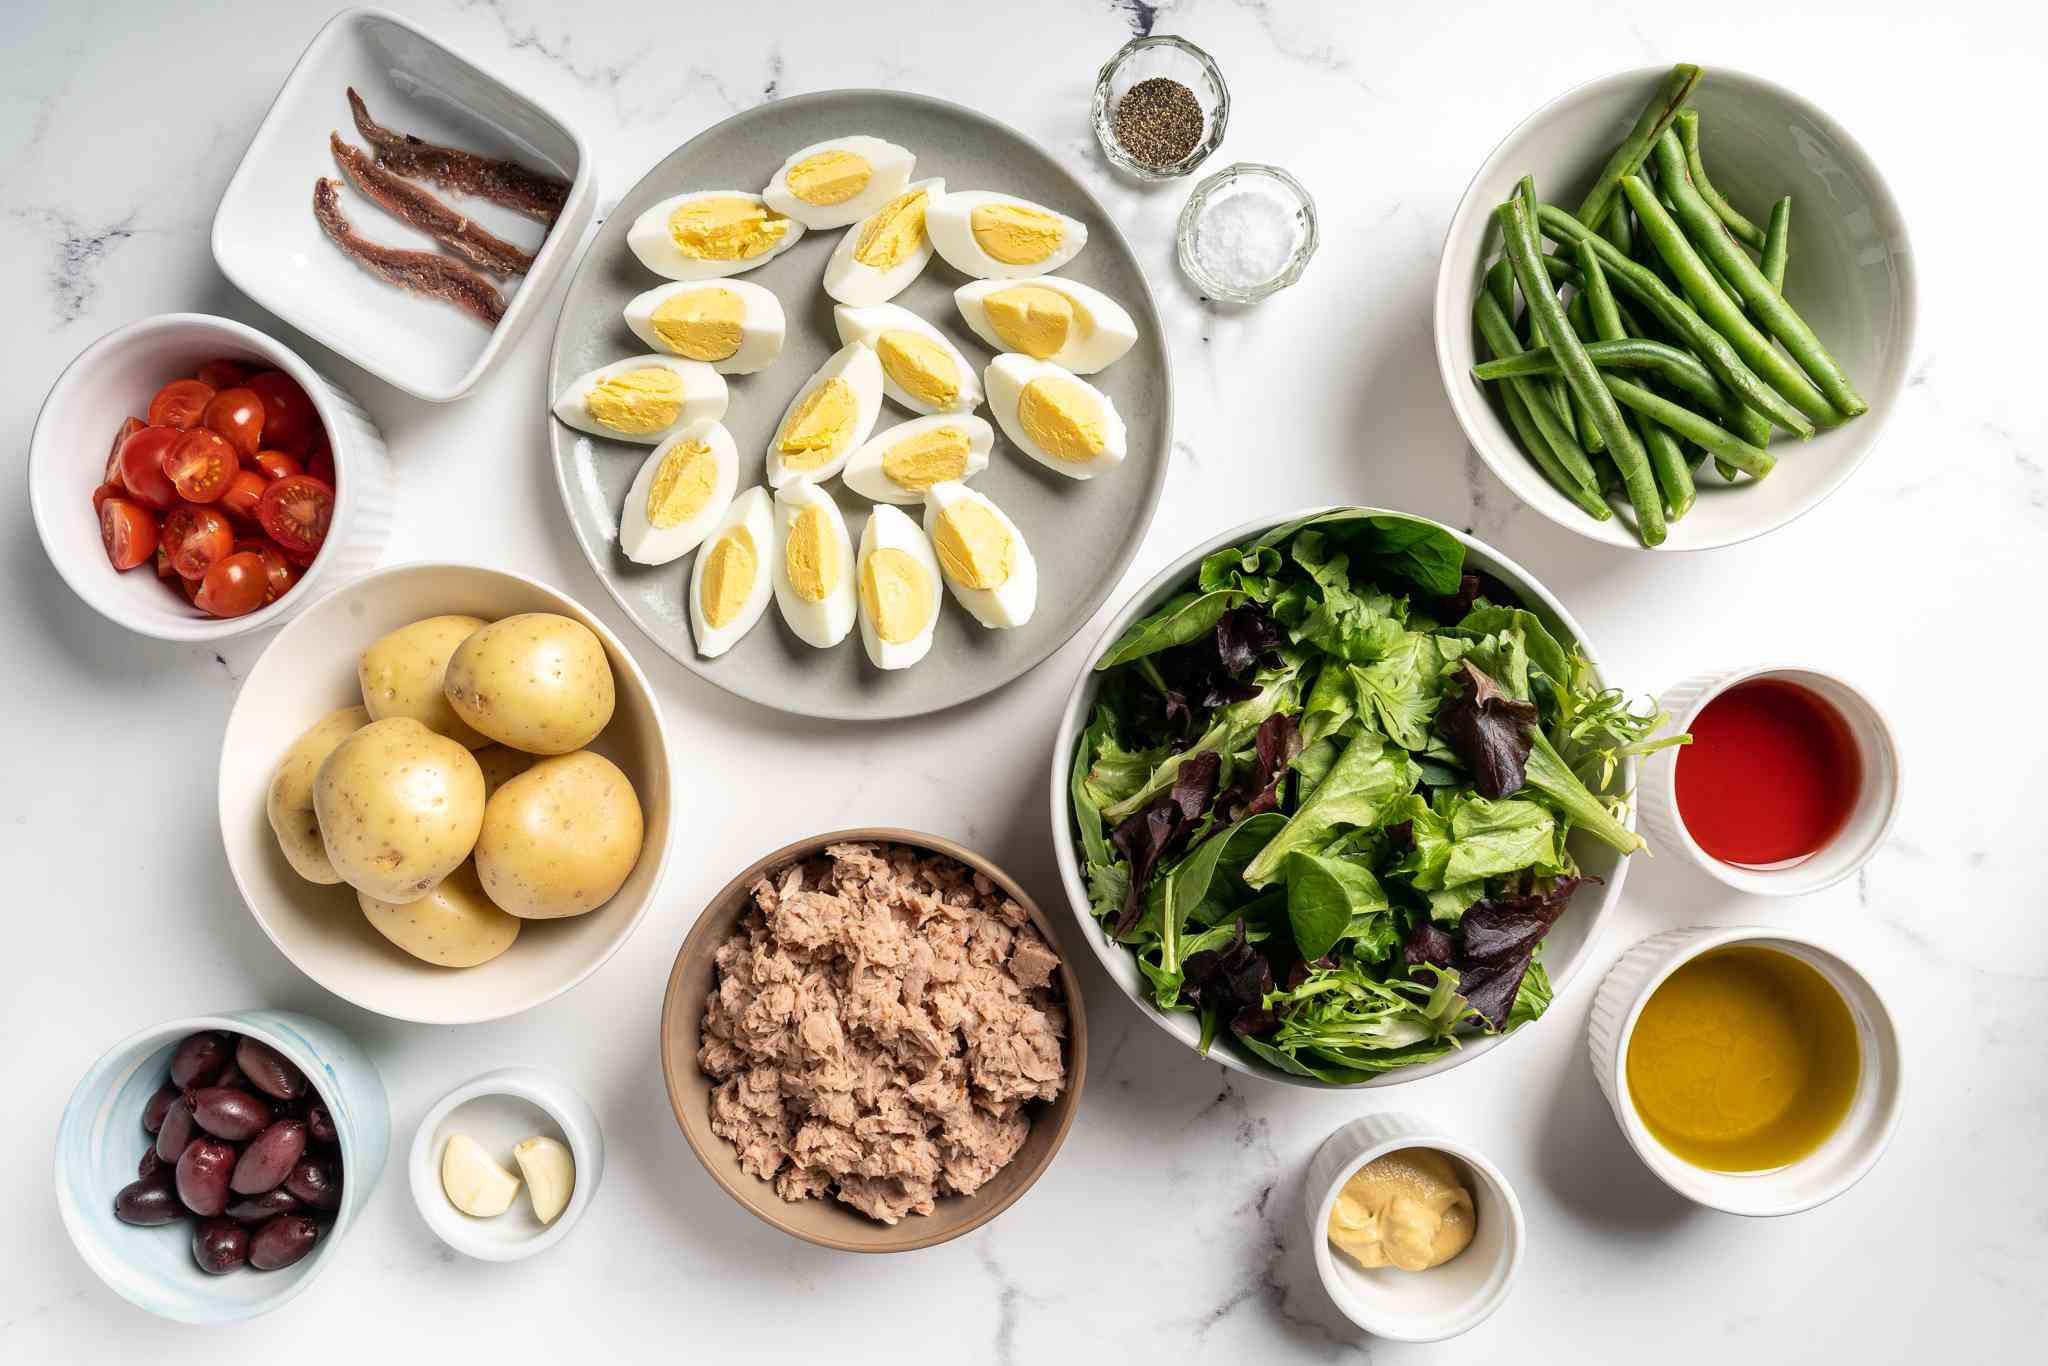 Niçoise Salad ingredients